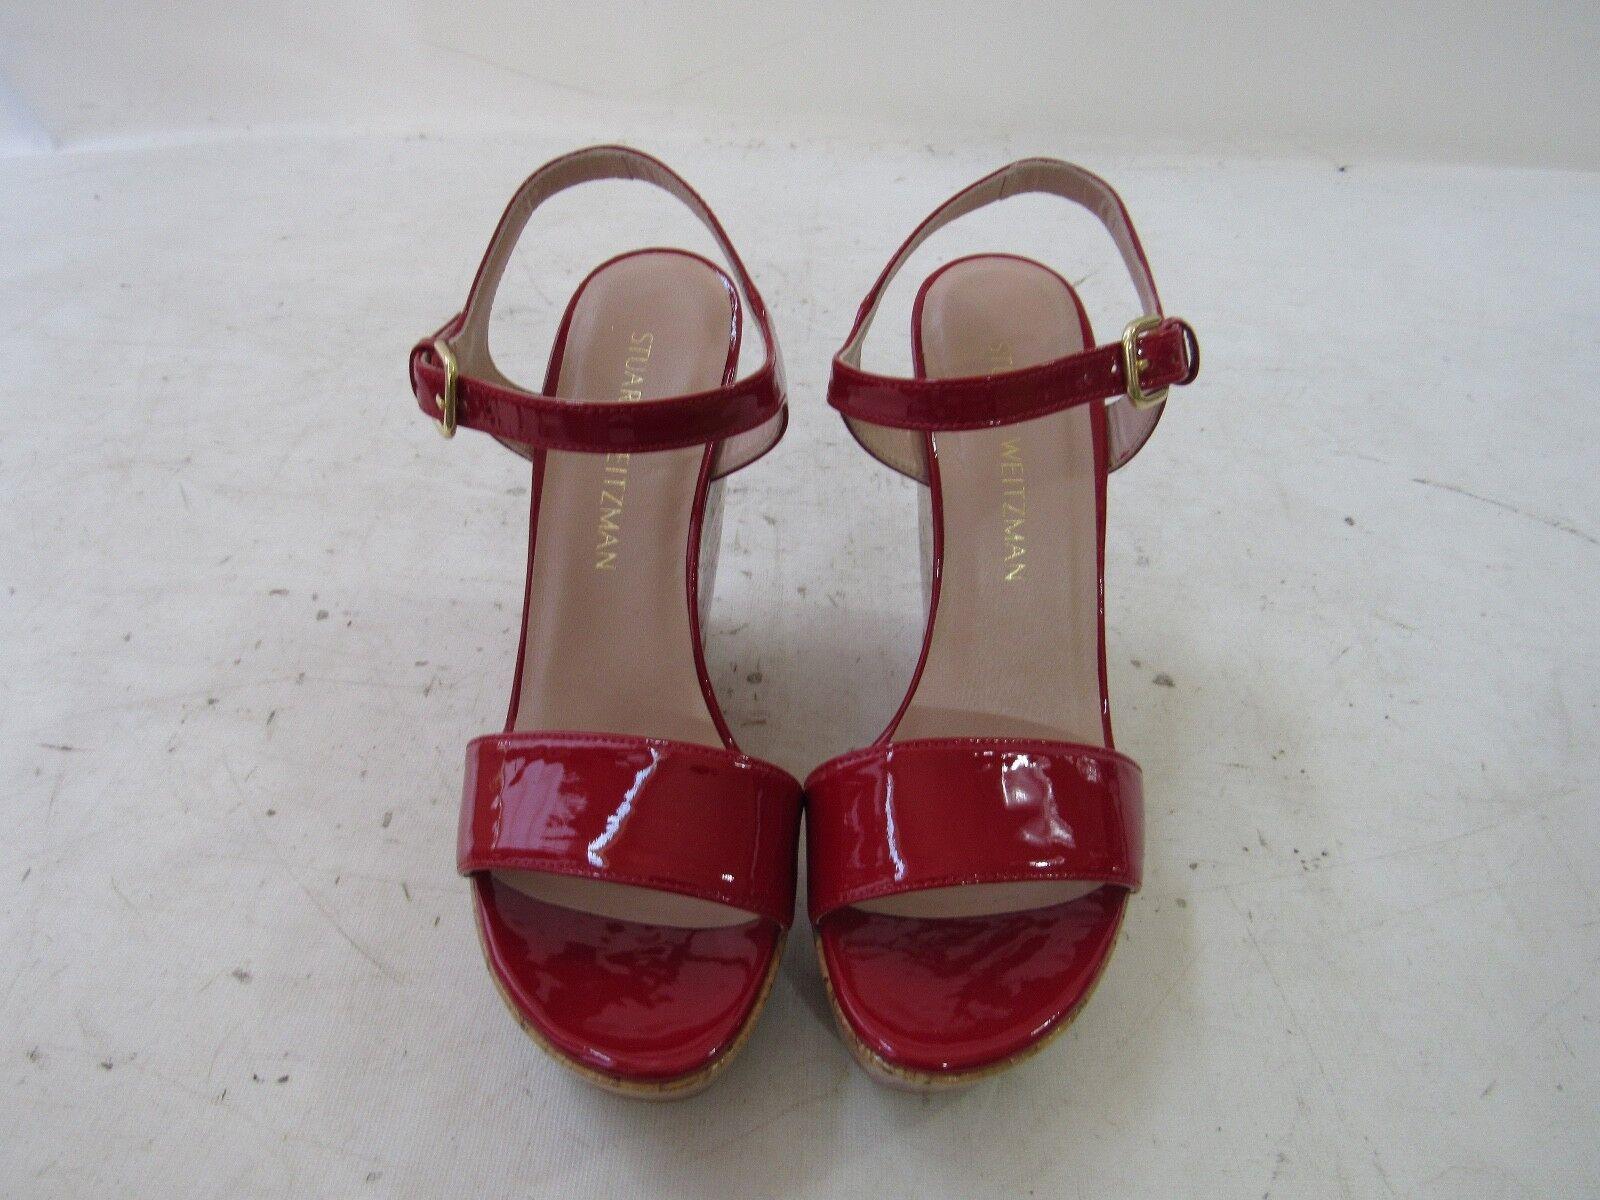 connotazione di lusso low-key STUART WEITZMAN Single Sky Hand Painted rosso rosso rosso Patent Cork Wedge Dimensione 8  incentivi promozionali